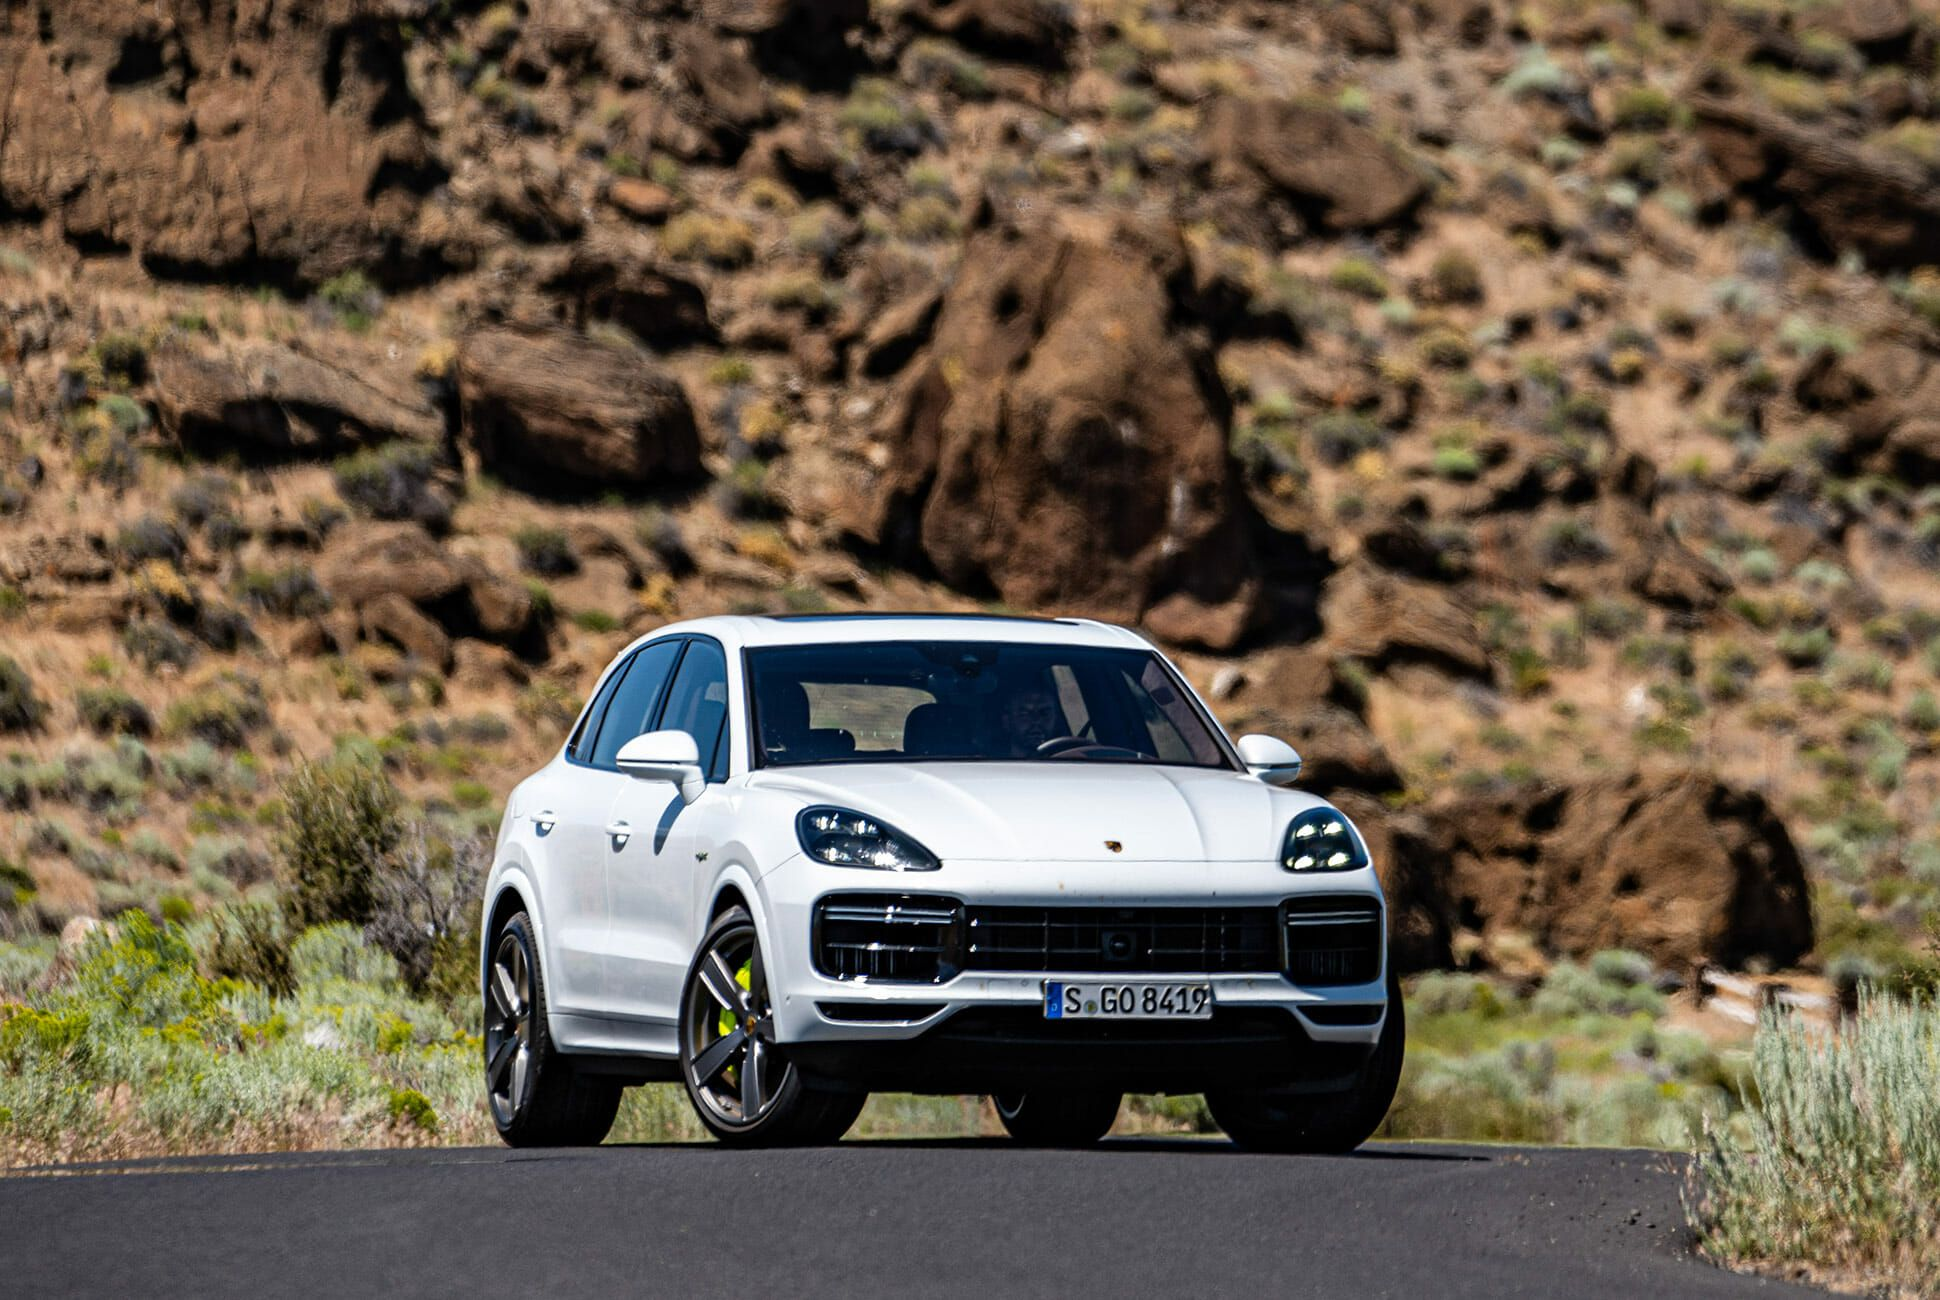 Pair-of-High-Tech-Porsche-Cayenne-Hybrids-gear-patrol-Fort-ambience-2